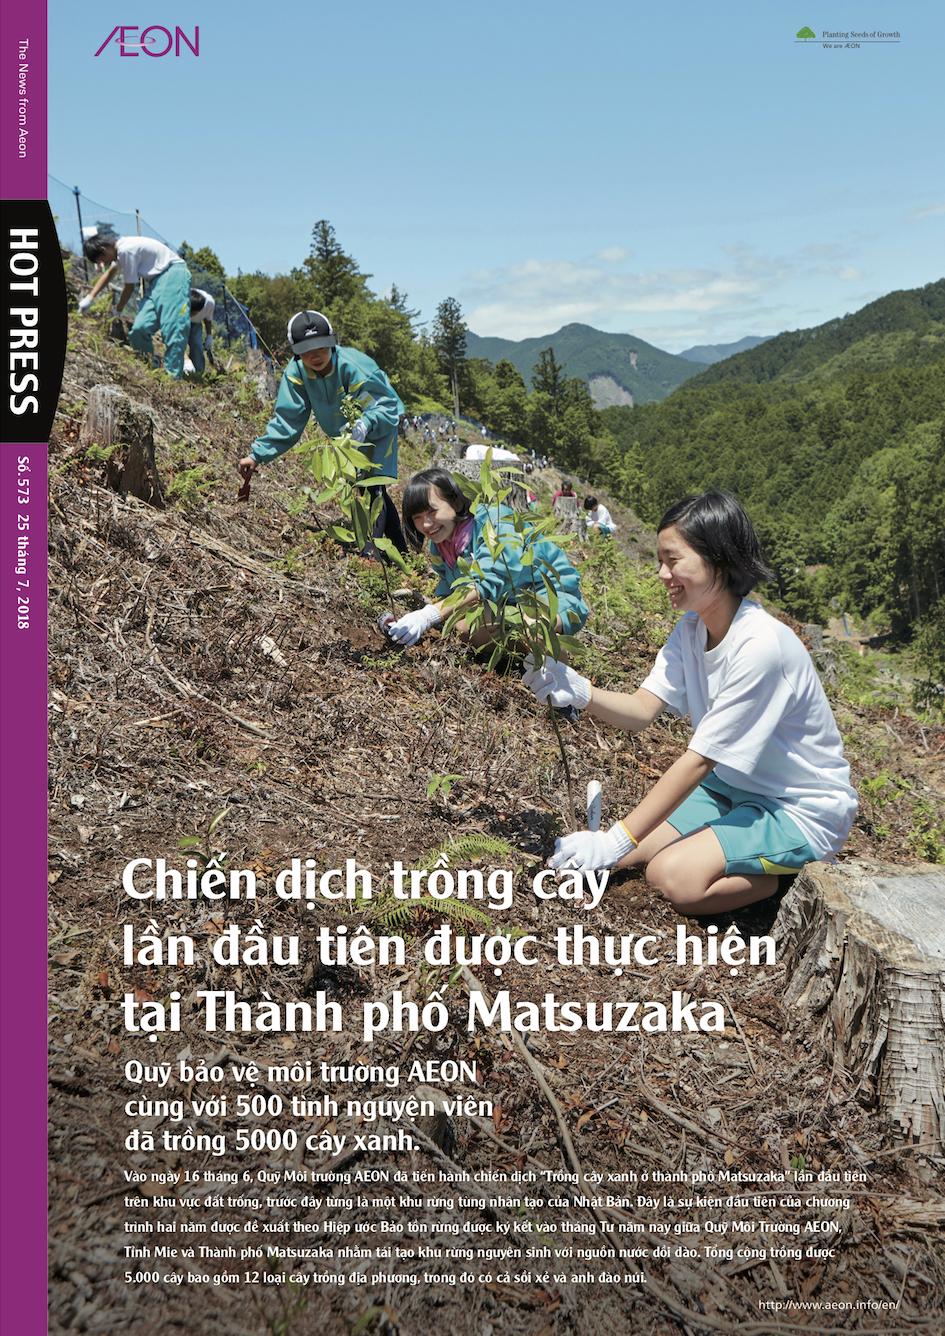 """Chiến dịch """"Trồng cây ở thành phố Matsuzaka"""" lần đầu được thực hiện"""